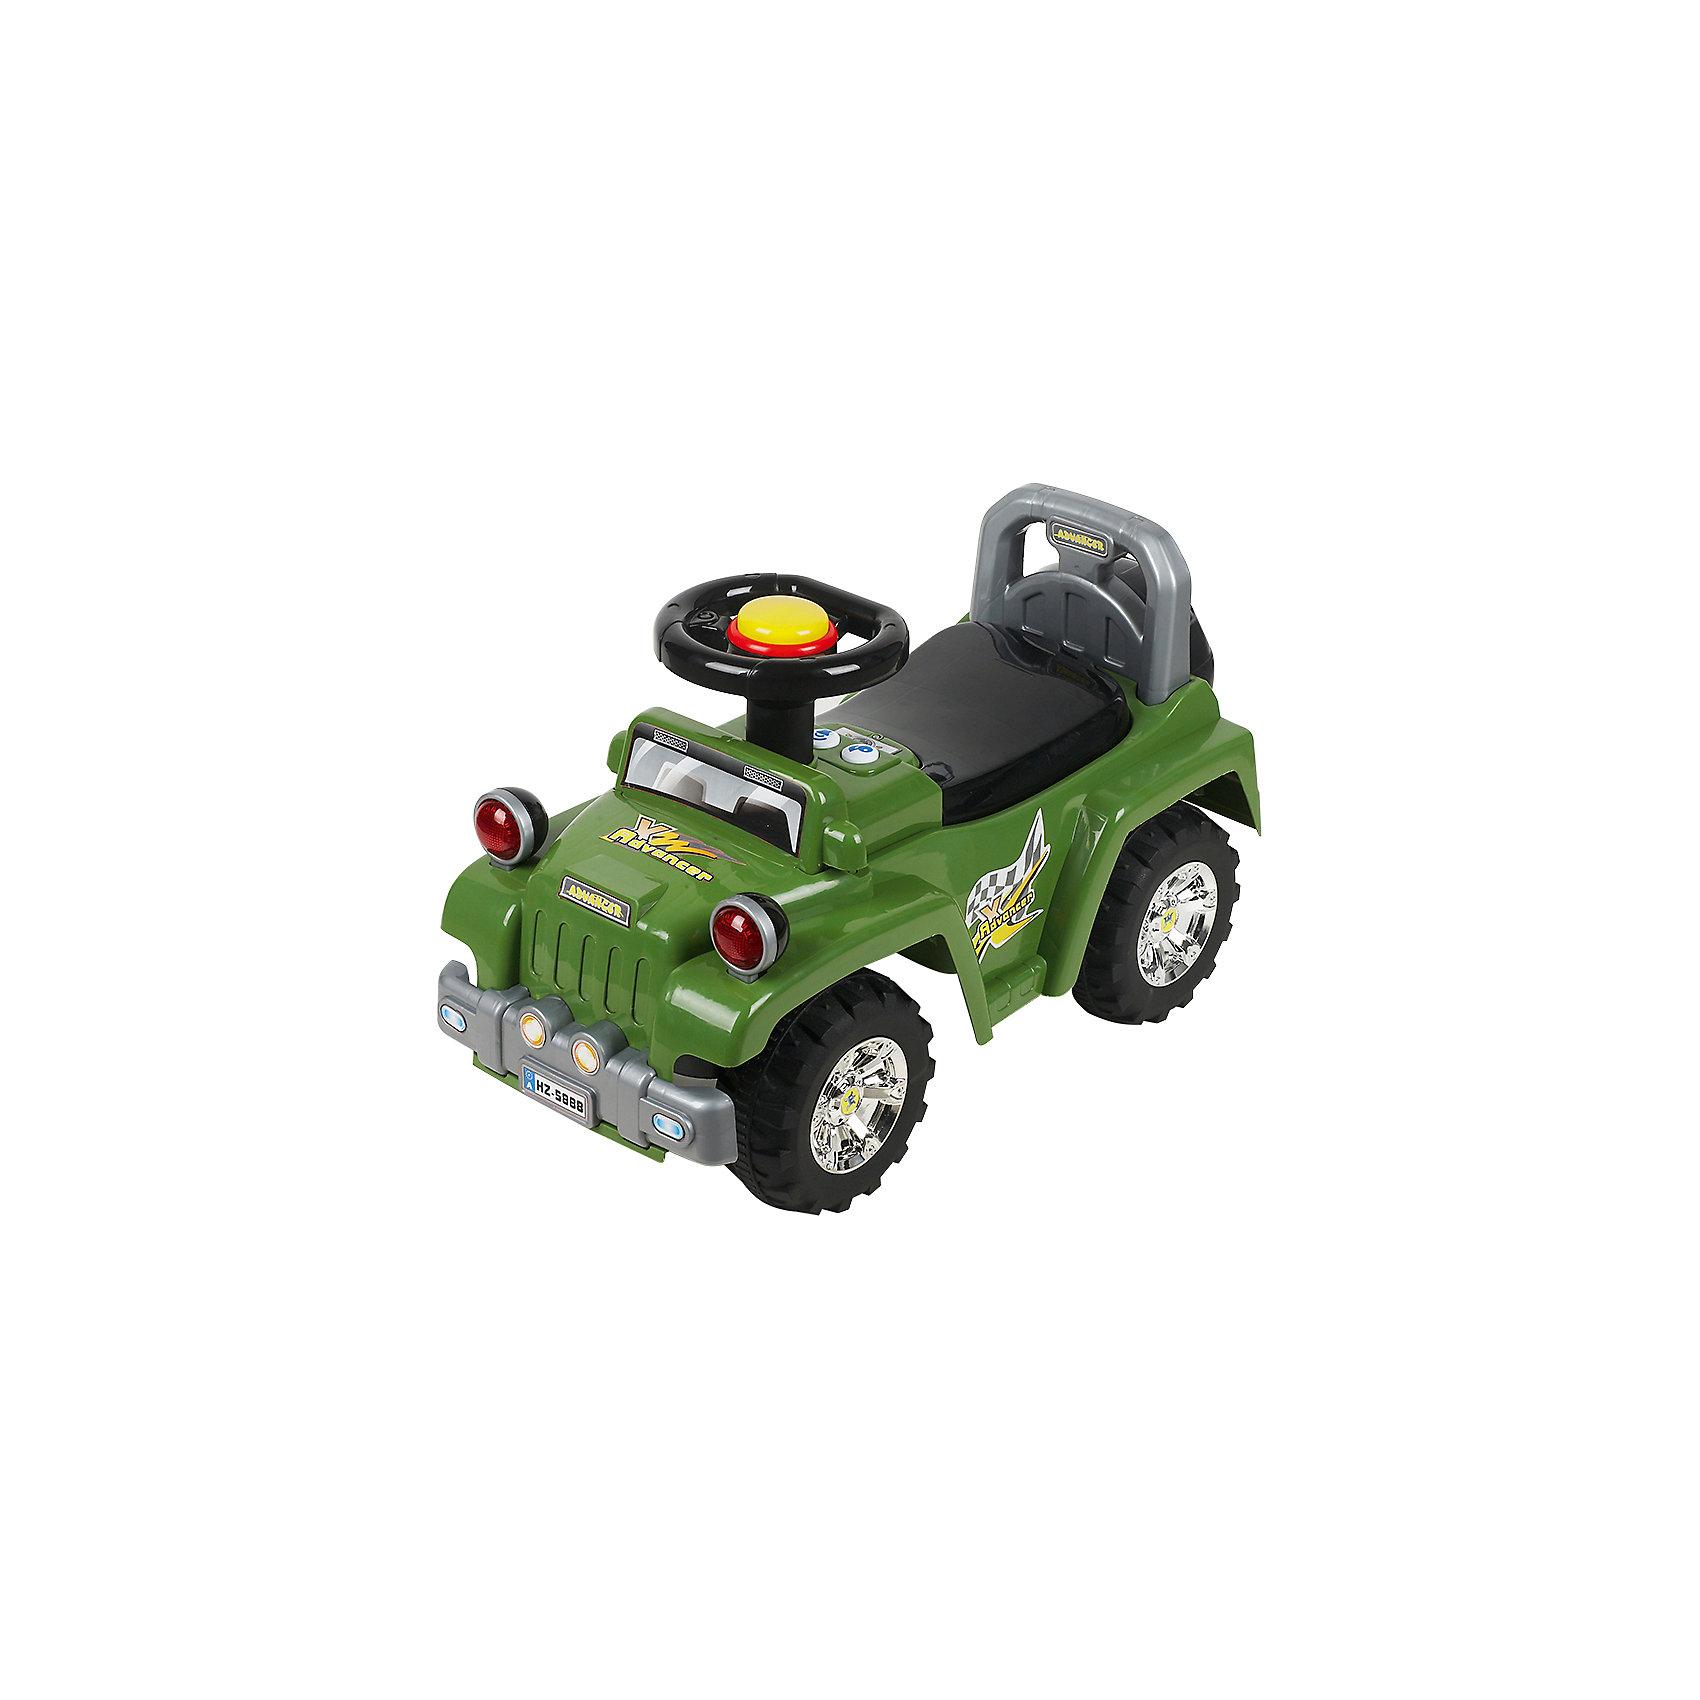 Каталка Джип, зеленый, NINGBO PRINCEКаталка Джип, зеленый, NINGBO PRINCE  - осчастливьте своего ребенка безопасной детской машиной.<br>Благодаря тому, что каталка имеет устойчивую конструкцию и колеса с поворотом на 90 градусов, она полностью безопасна для ребенка, даже если он любит быструю езду.  На руле есть кнопка для звукового сигнала. Ход машины очень плавный, может ездить вперед и назад. Есть вместительный багажник для игрушек или вещей, под сиденьем. Машина сделана под марку «джип».<br><br>Дополнительная информация:<br><br>- размер: 65*28*30 см<br>- вес: 3,7 кг<br>- возраст: от 1 до 3 лет<br>- максимальный вес: до 30 кг<br>- цвет: зеленый<br><br>Каталку Джип, зеленый, NINGBO PRINCE  можно купить в нашем интернет магазине.<br><br>Ширина мм: 900<br>Глубина мм: 900<br>Высота мм: 500<br>Вес г: 3700<br>Возраст от месяцев: 12<br>Возраст до месяцев: 36<br>Пол: Унисекс<br>Возраст: Детский<br>SKU: 4995155